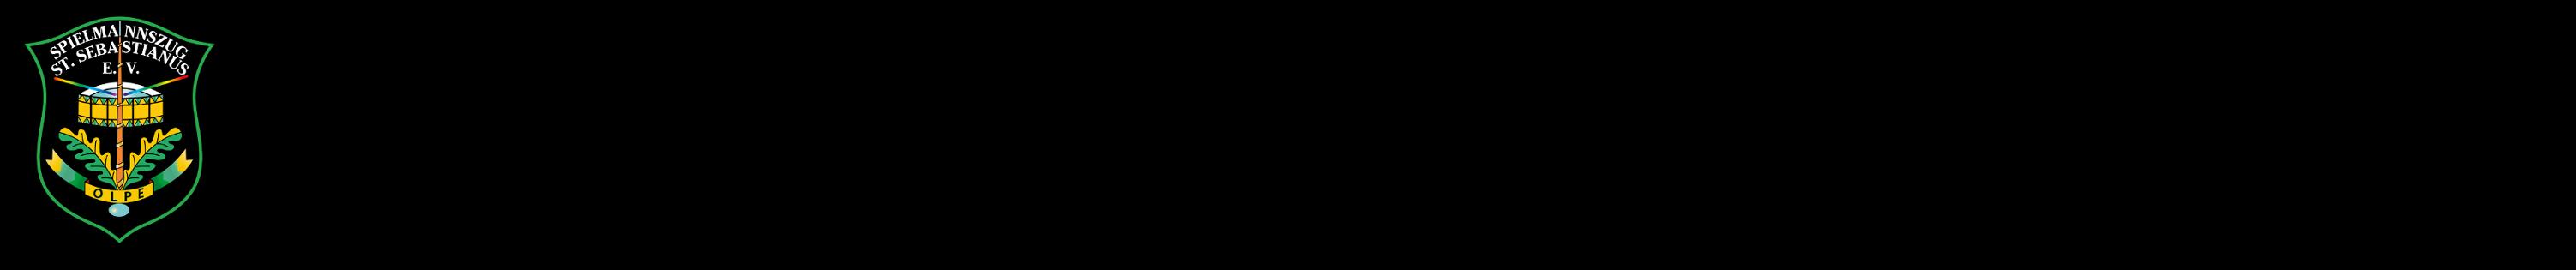 Schriftzug_Header